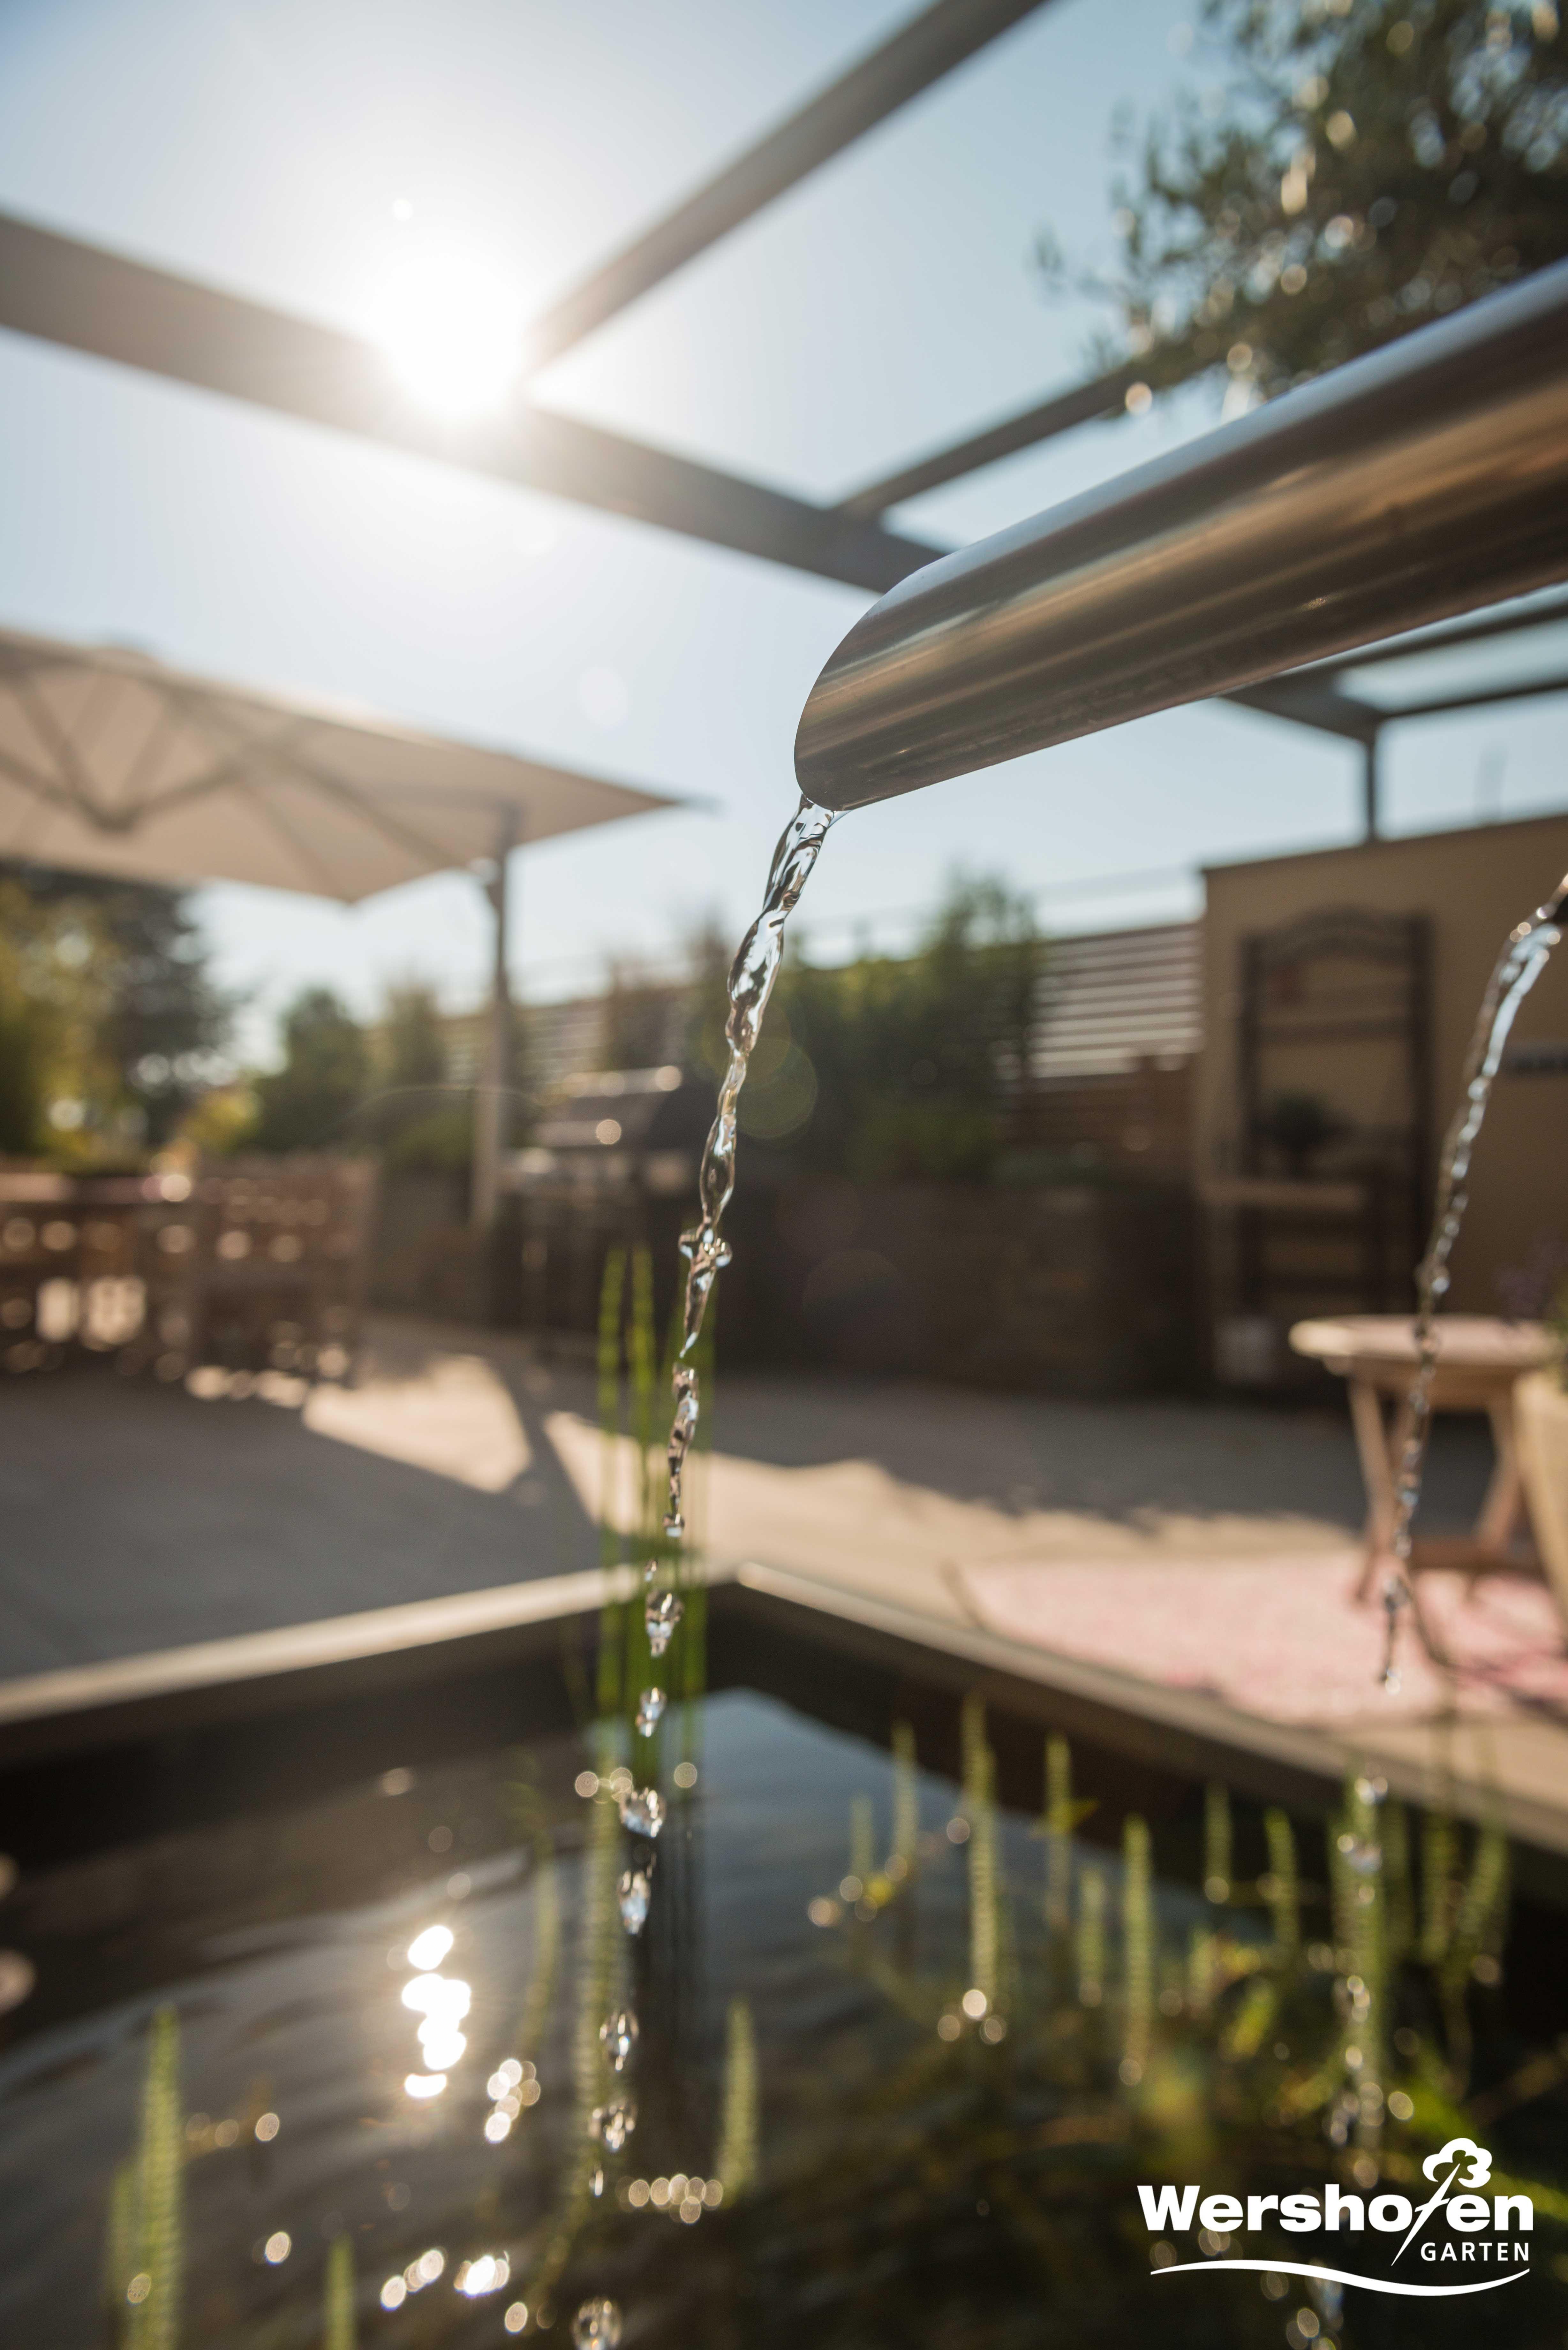 Wershofen Garten Design, Details Wasserspiel `17